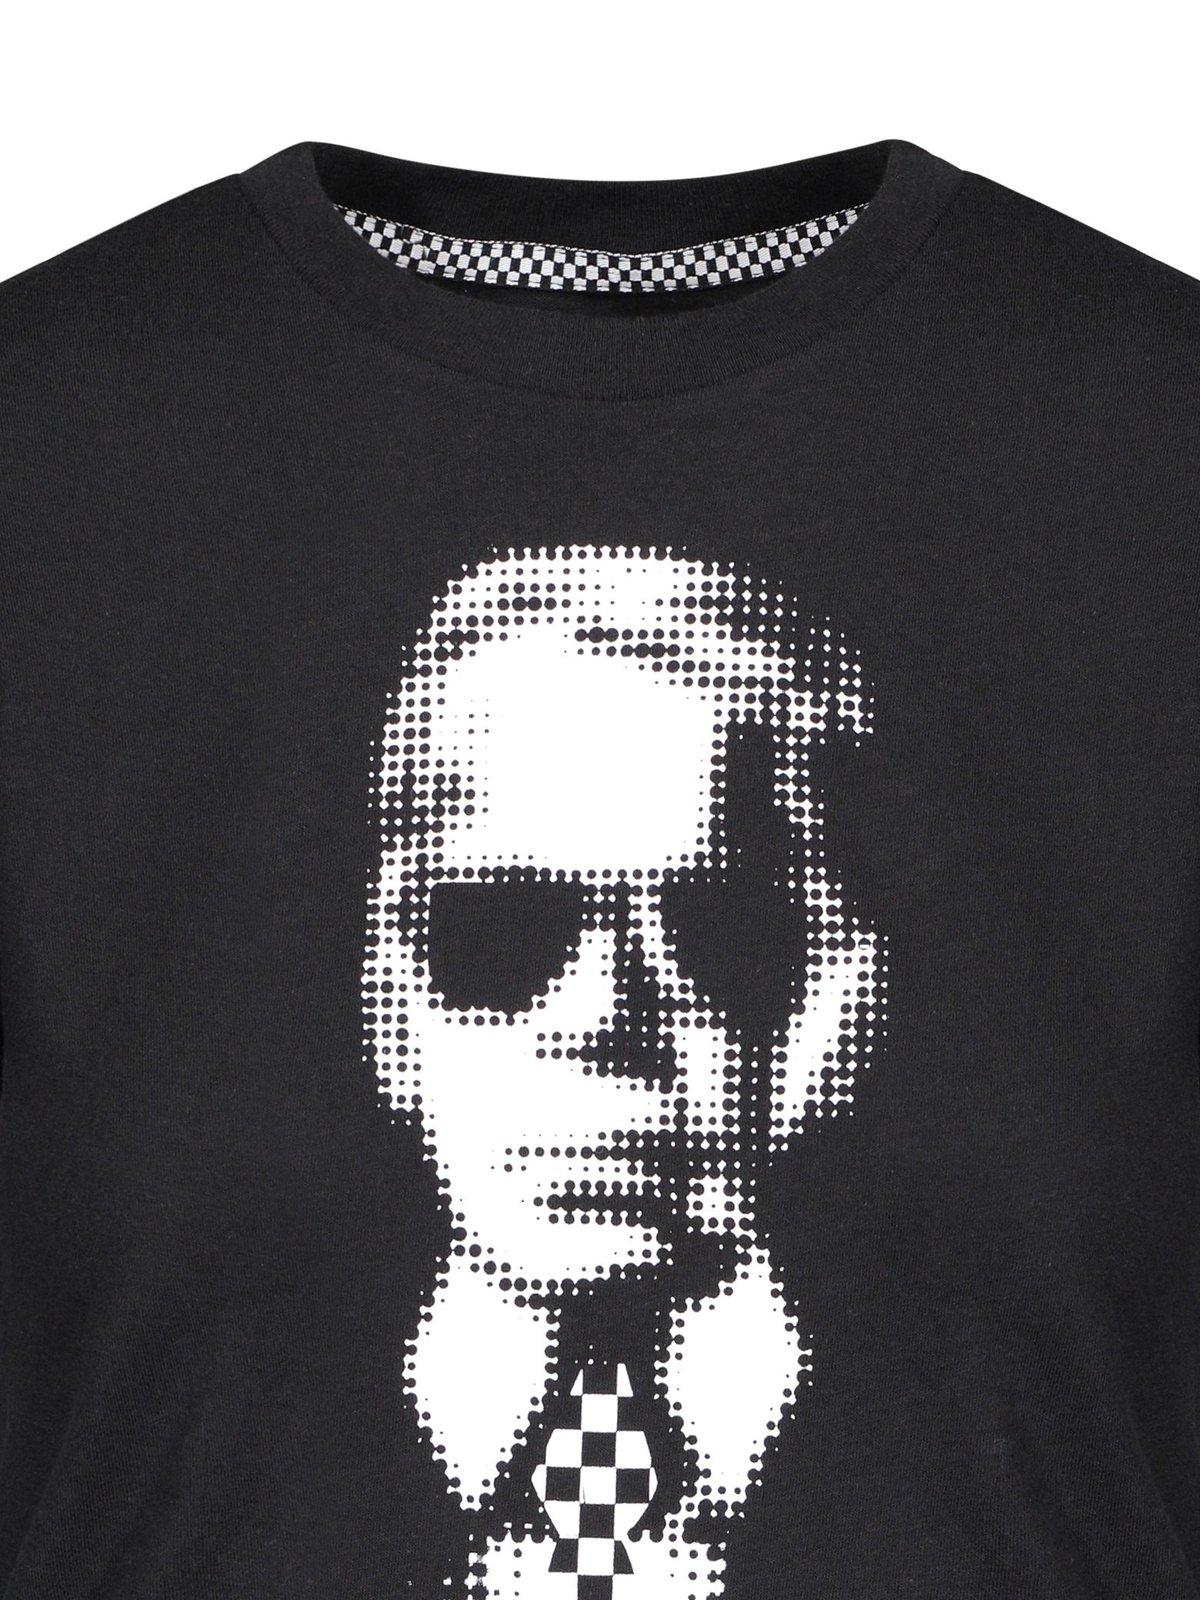 8df4cf9b2308 Vans Vault x Karl Lagerfeld Boyfriend Tee | Garmentory